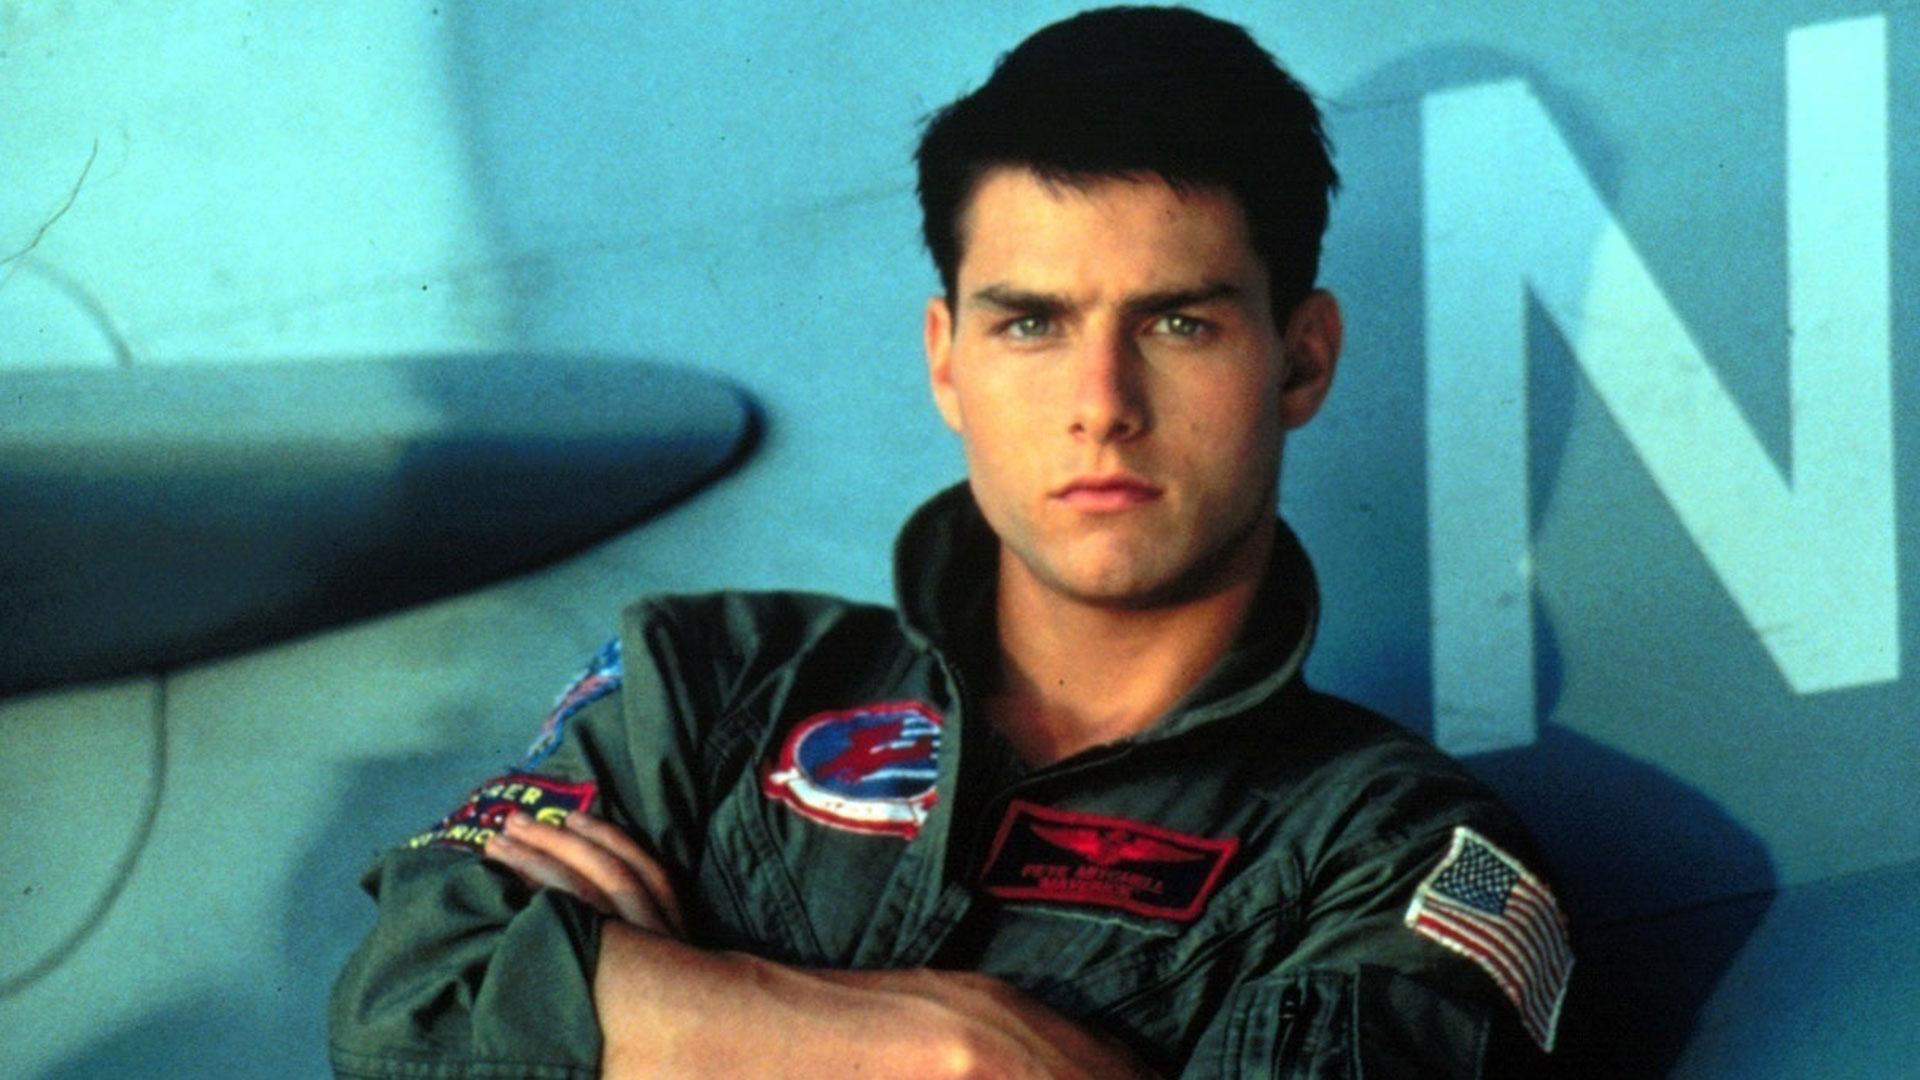 Su papel de Maverick lo ubicó en la lista de los actores más sexies de Hollywood (Grosby Group)